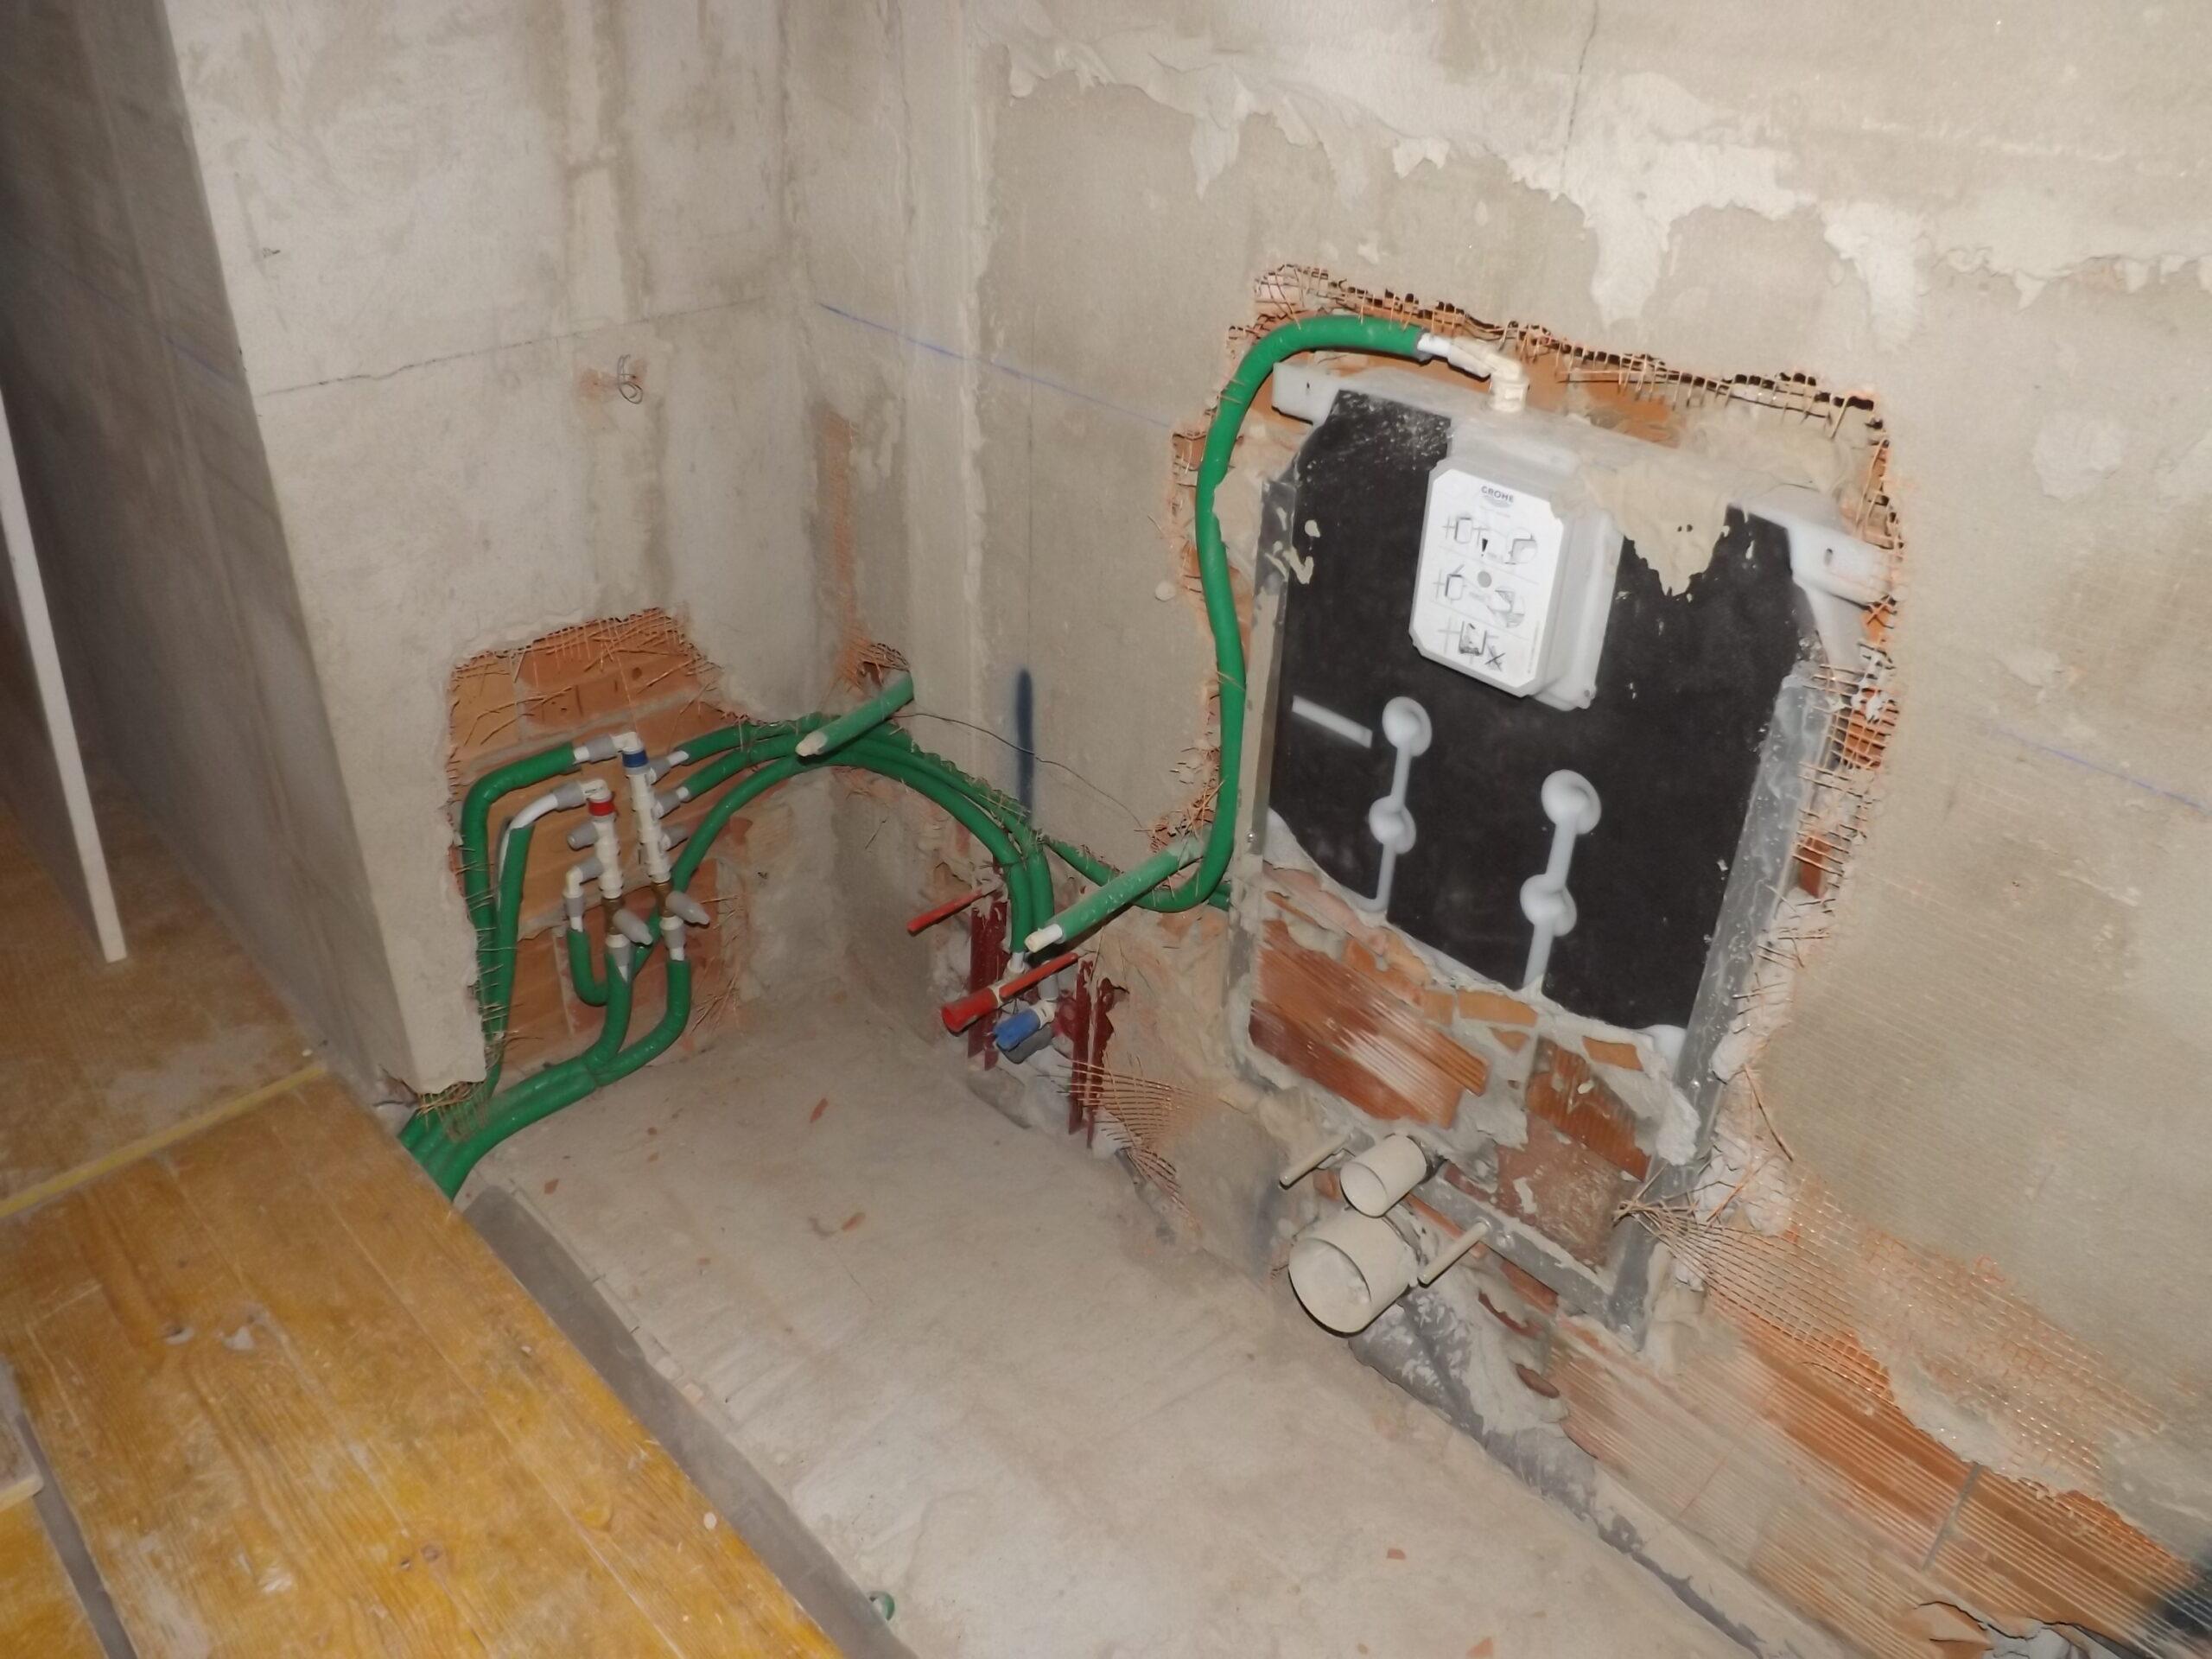 11. Installazione di tubazioni dell'impianto di condizionamento a soffitto: lavori in corso.